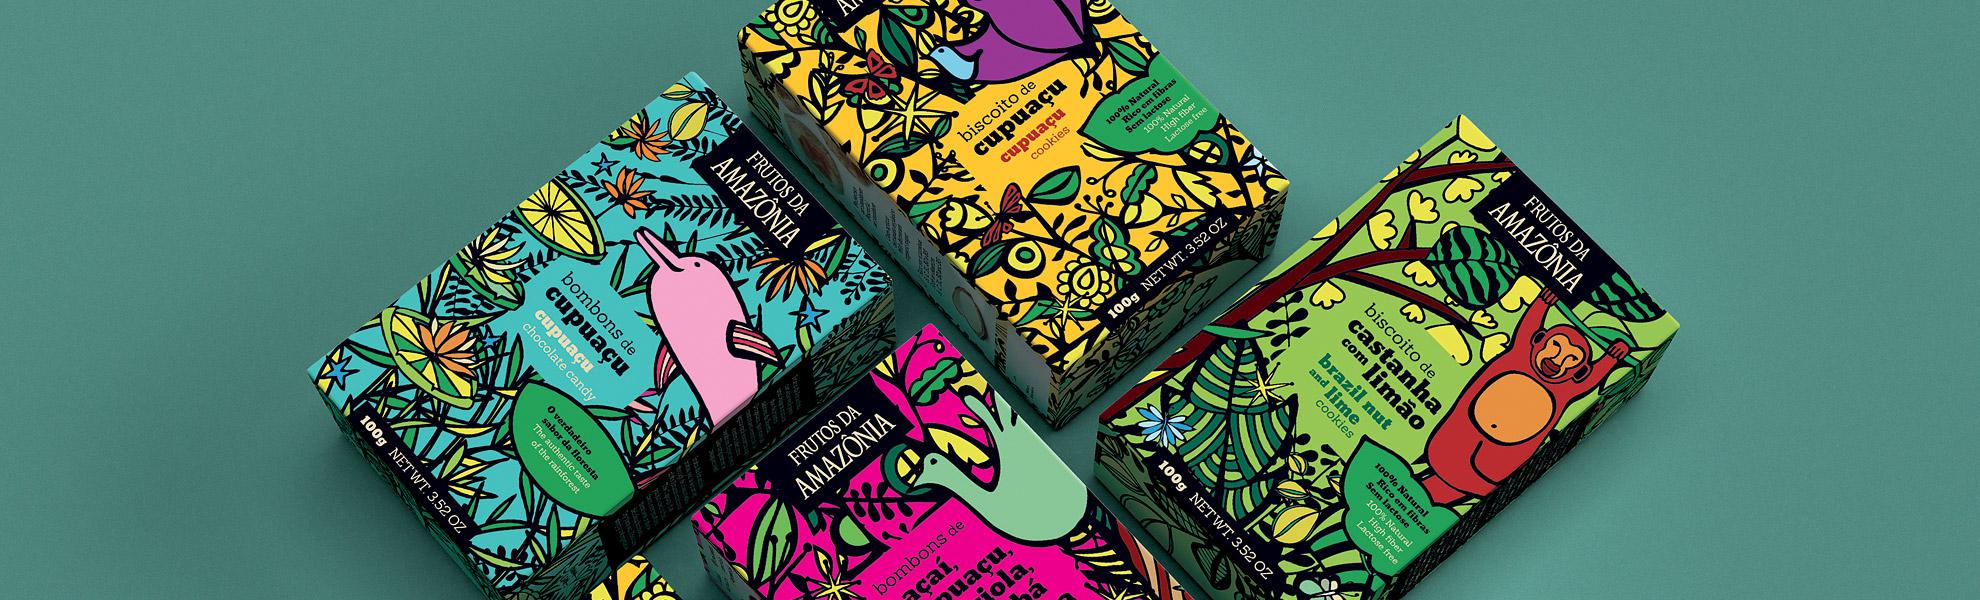 chelles-e-hayashi-design-portfolio-frutos-da-amazonia-linguagem-embalagem